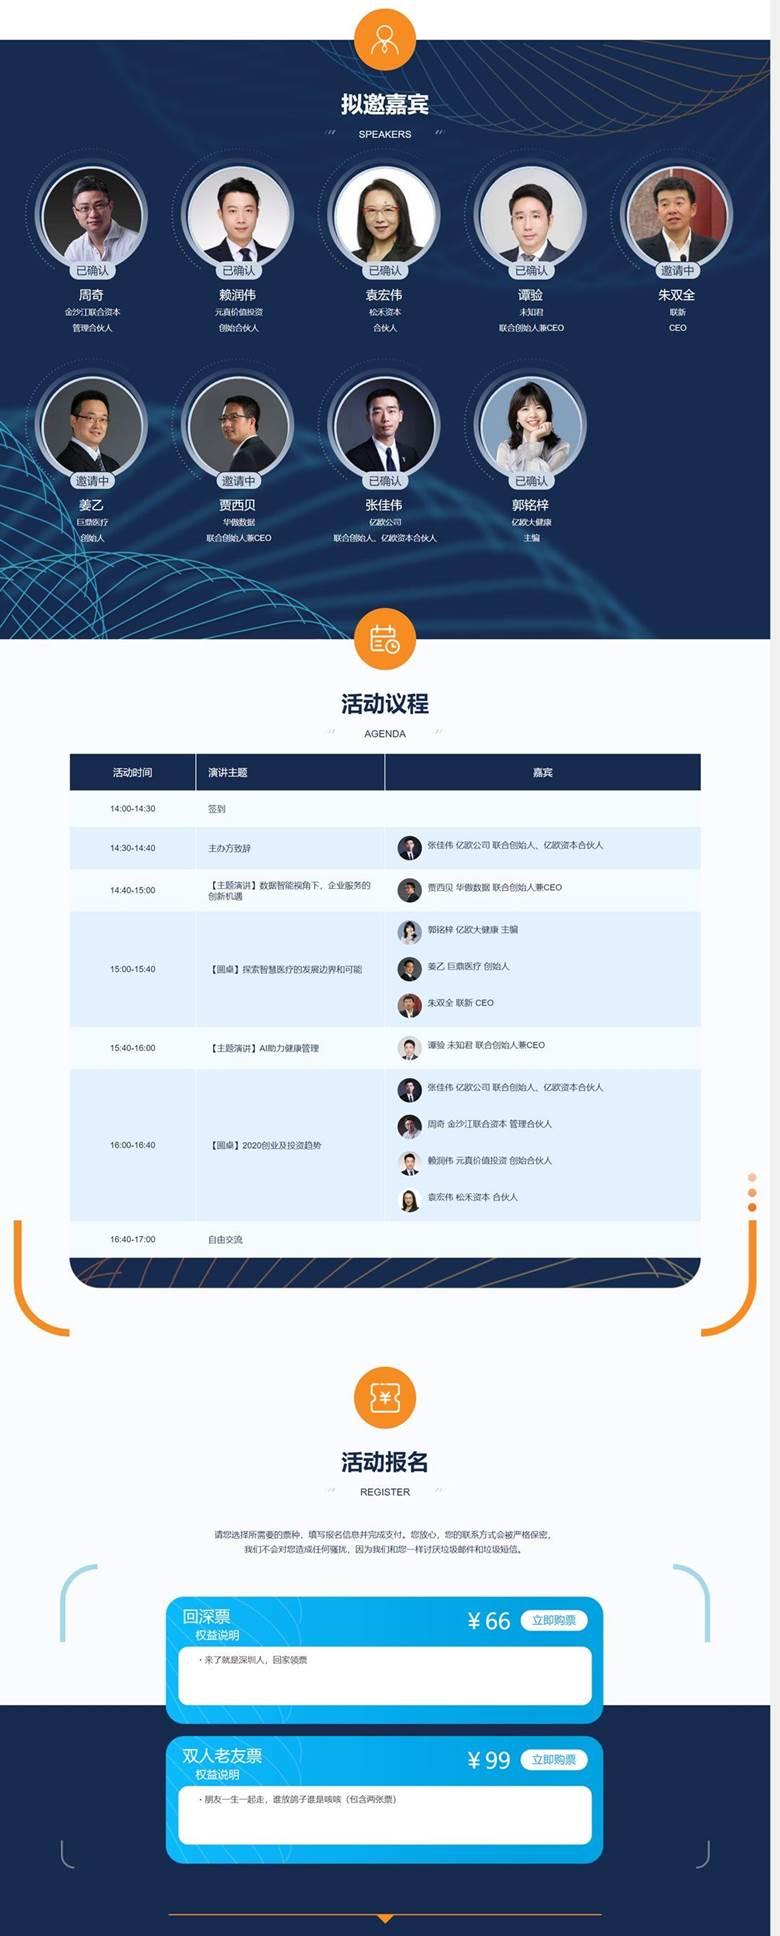 【活动】硬科技·创未来--2020贺岁产业创新论坛·深圳站-亿欧.png